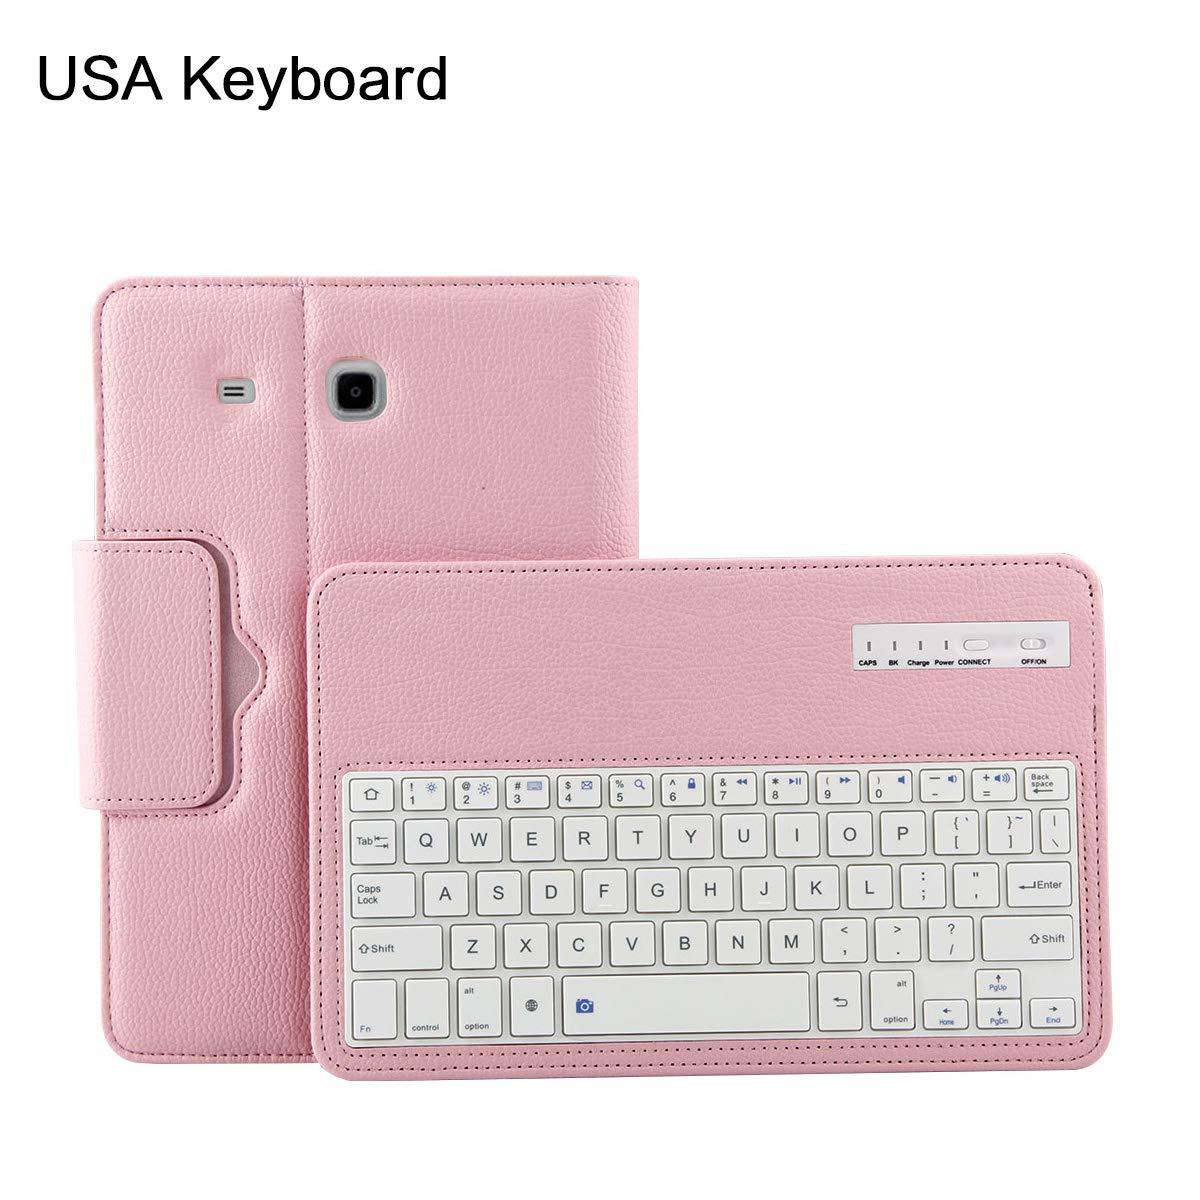 2019最新のスタイル Scheam Samsung Galaxy Tab E 9.6 T560 タブレット 9.6 Bluetooth B07L6WMR8L タブレット USA キーボード ケース ドロップ, ピンク, 1080-LT-810 ピンク B07L6WMR8L, ラグラグマーケット:3c112018 --- a0267596.xsph.ru